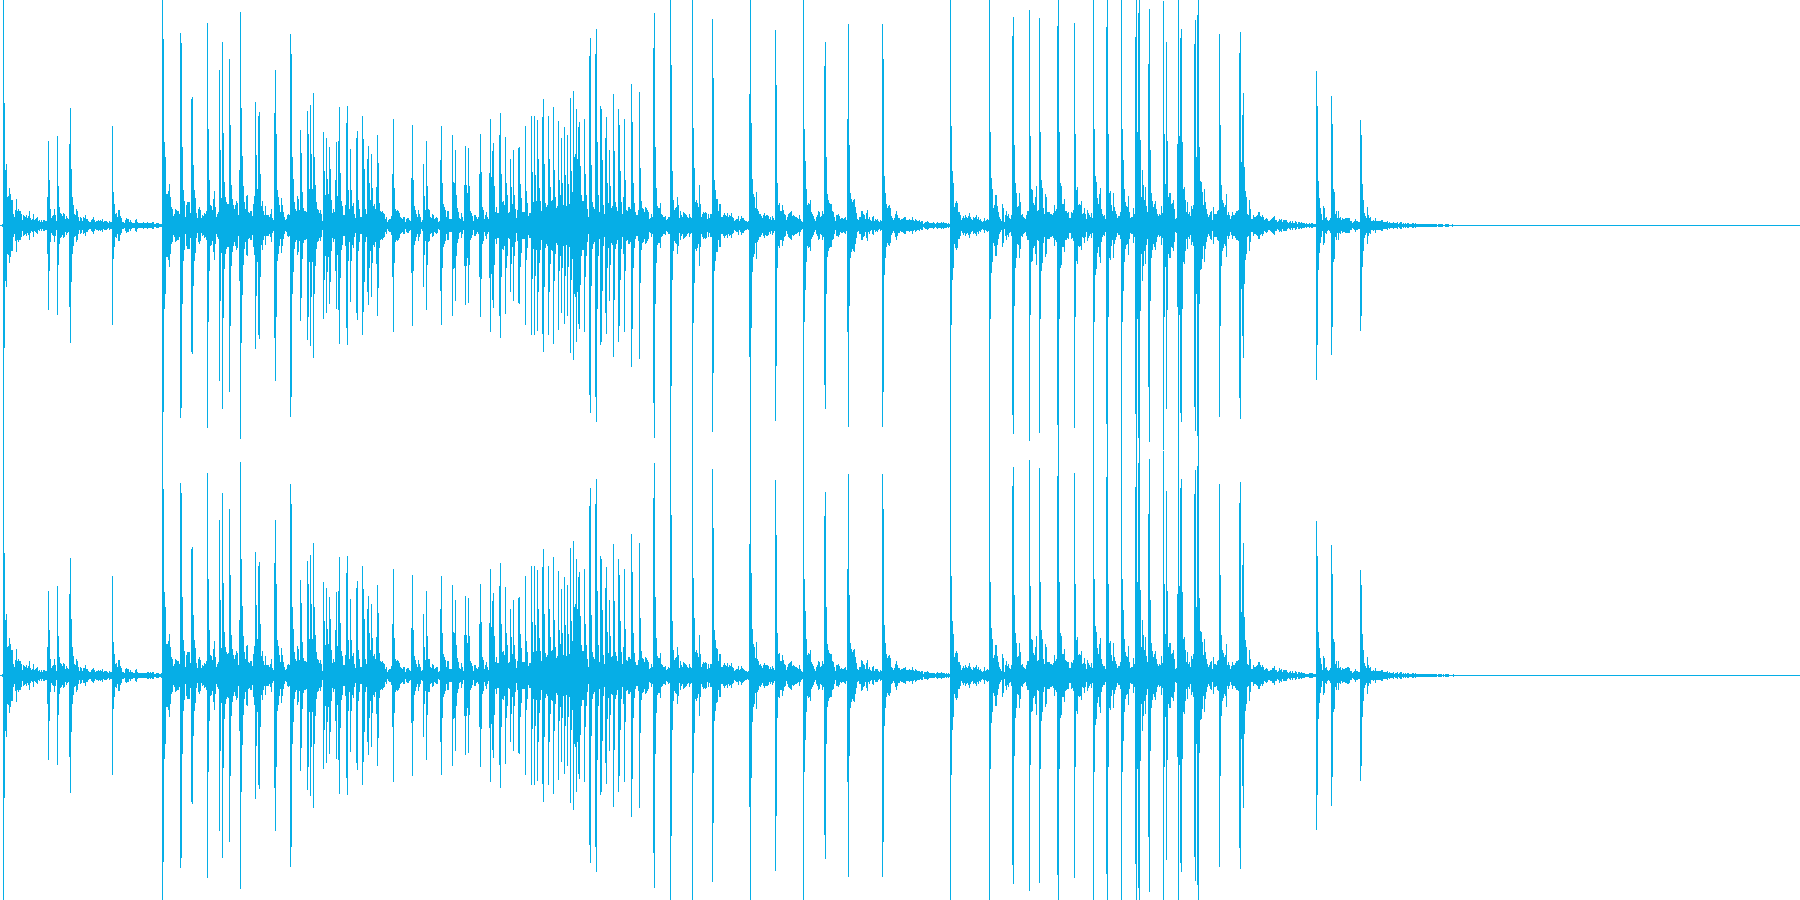 苦しい音01(ギギギギ)の再生済みの波形